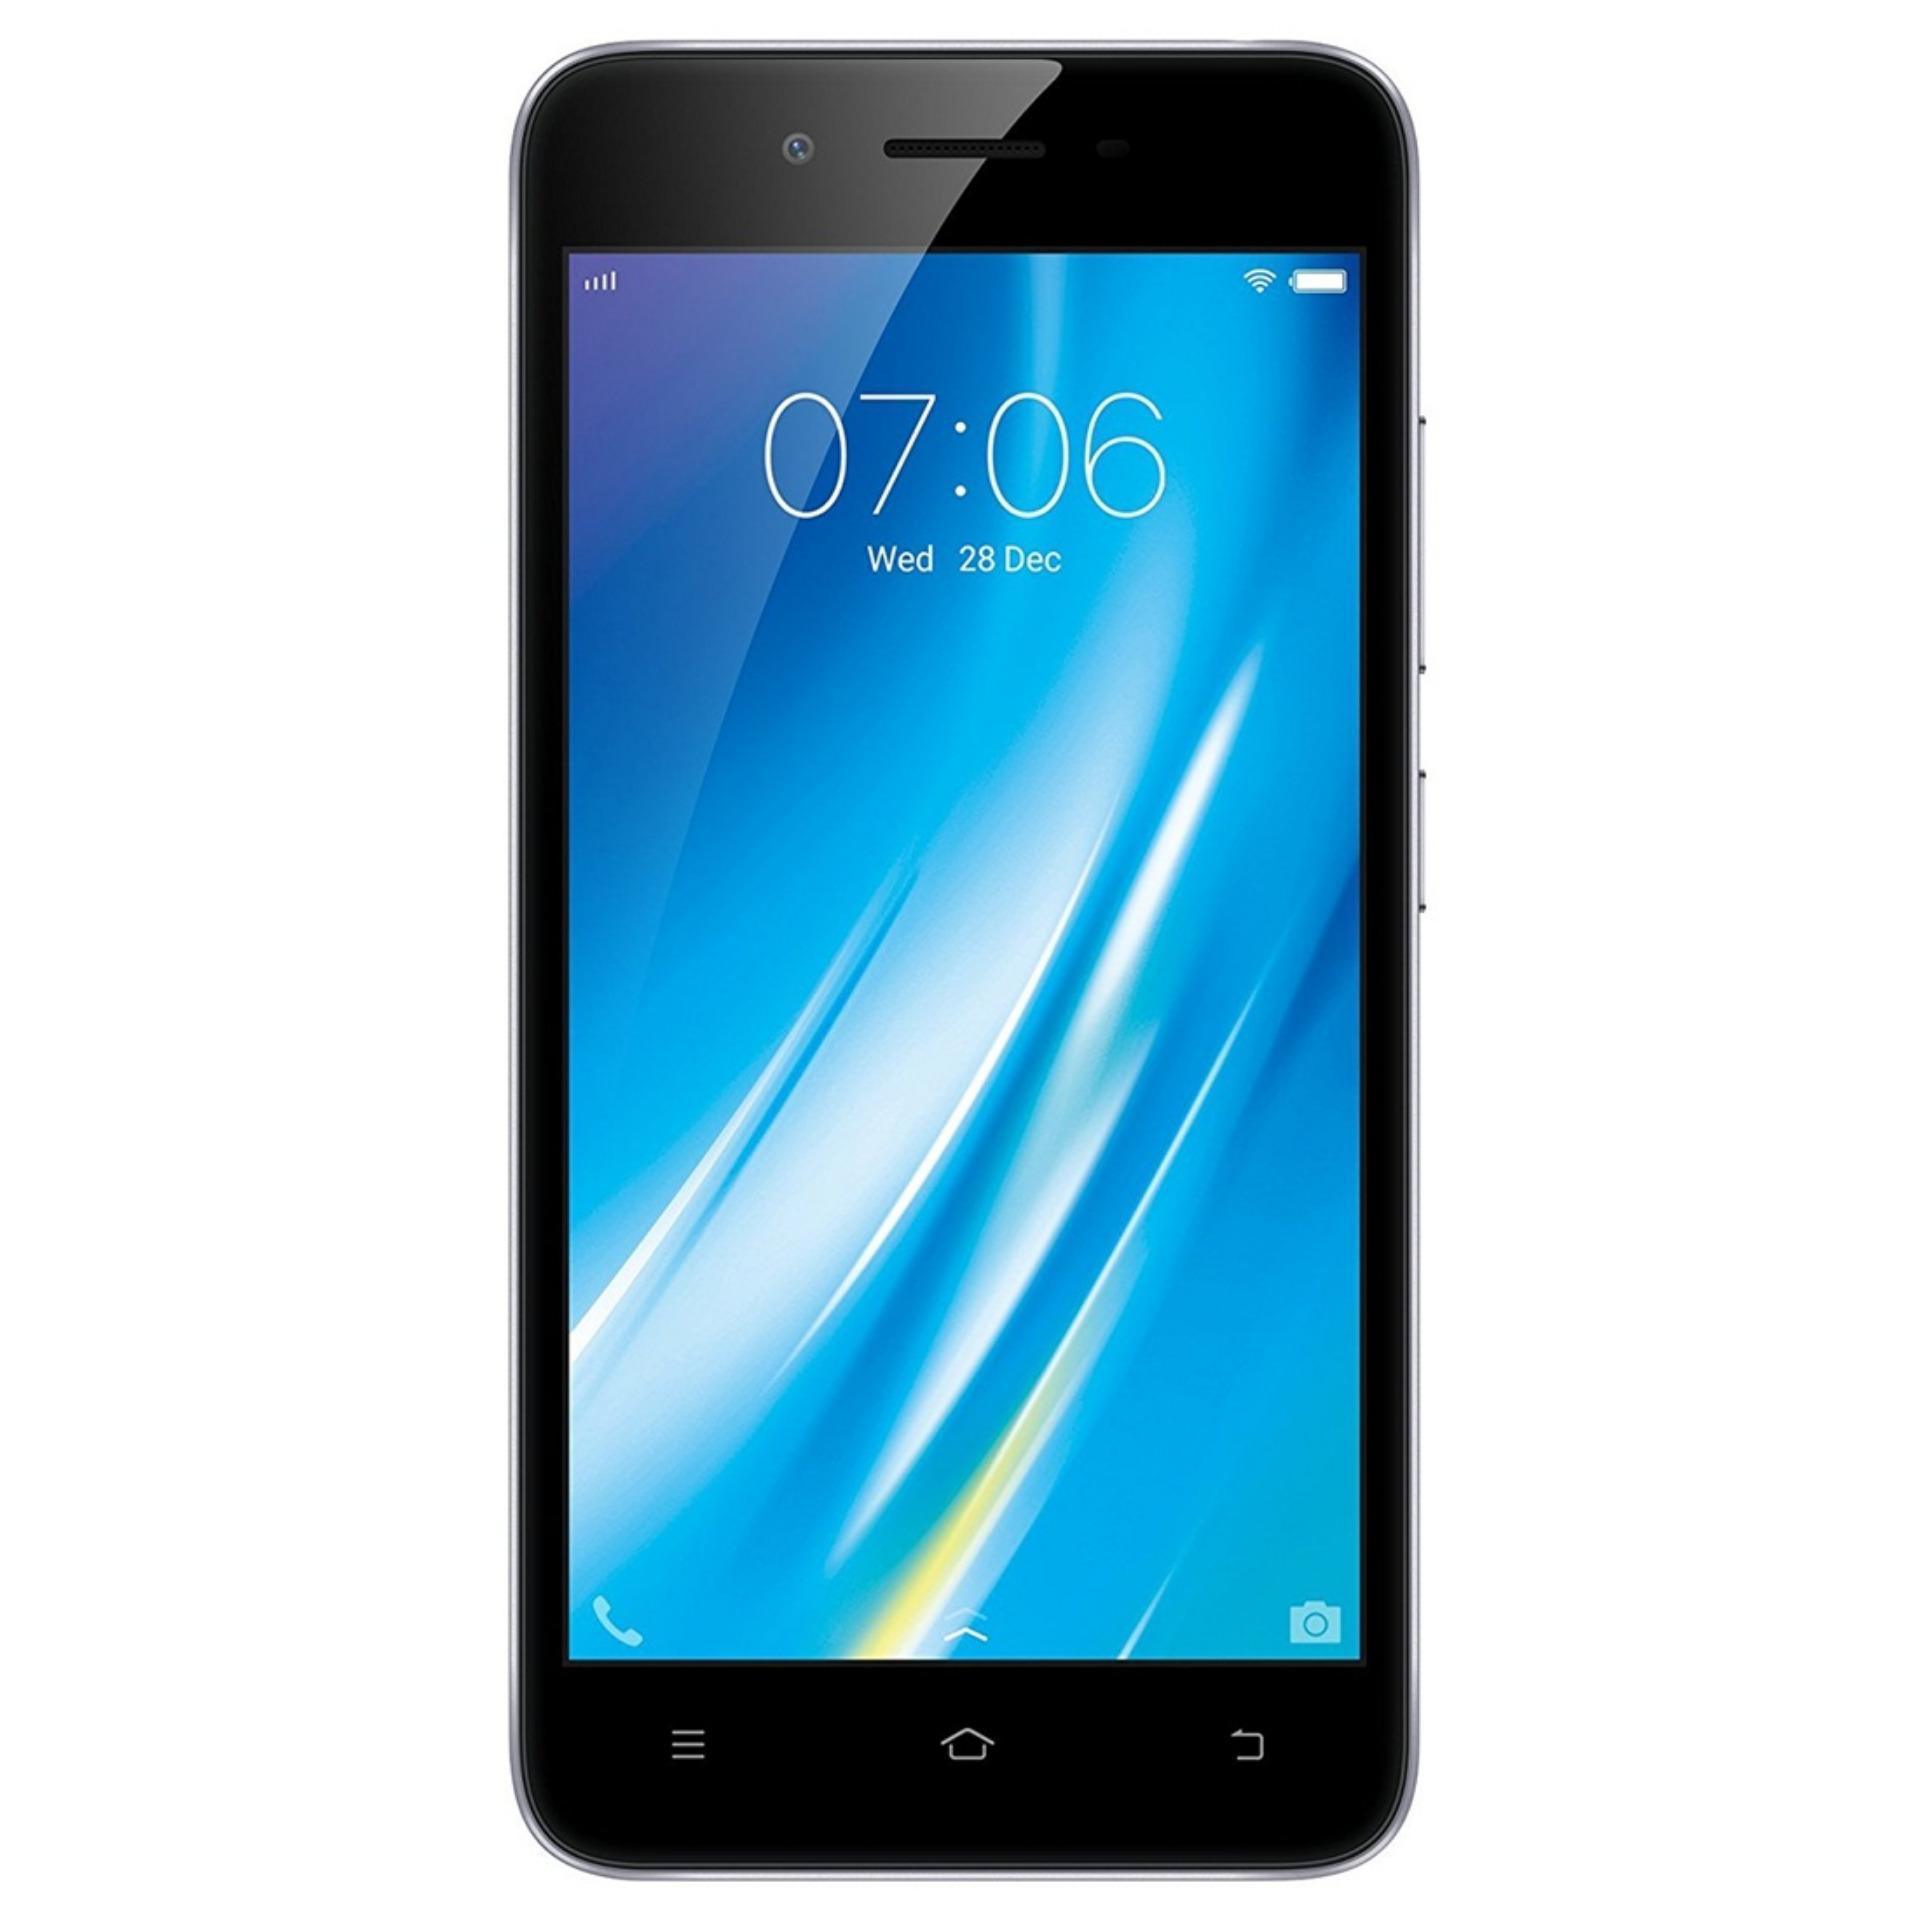 Murah Vivo Y53 Dual Sim 4g Lte 2gb Ram 16gb Rom Black Review V5lite